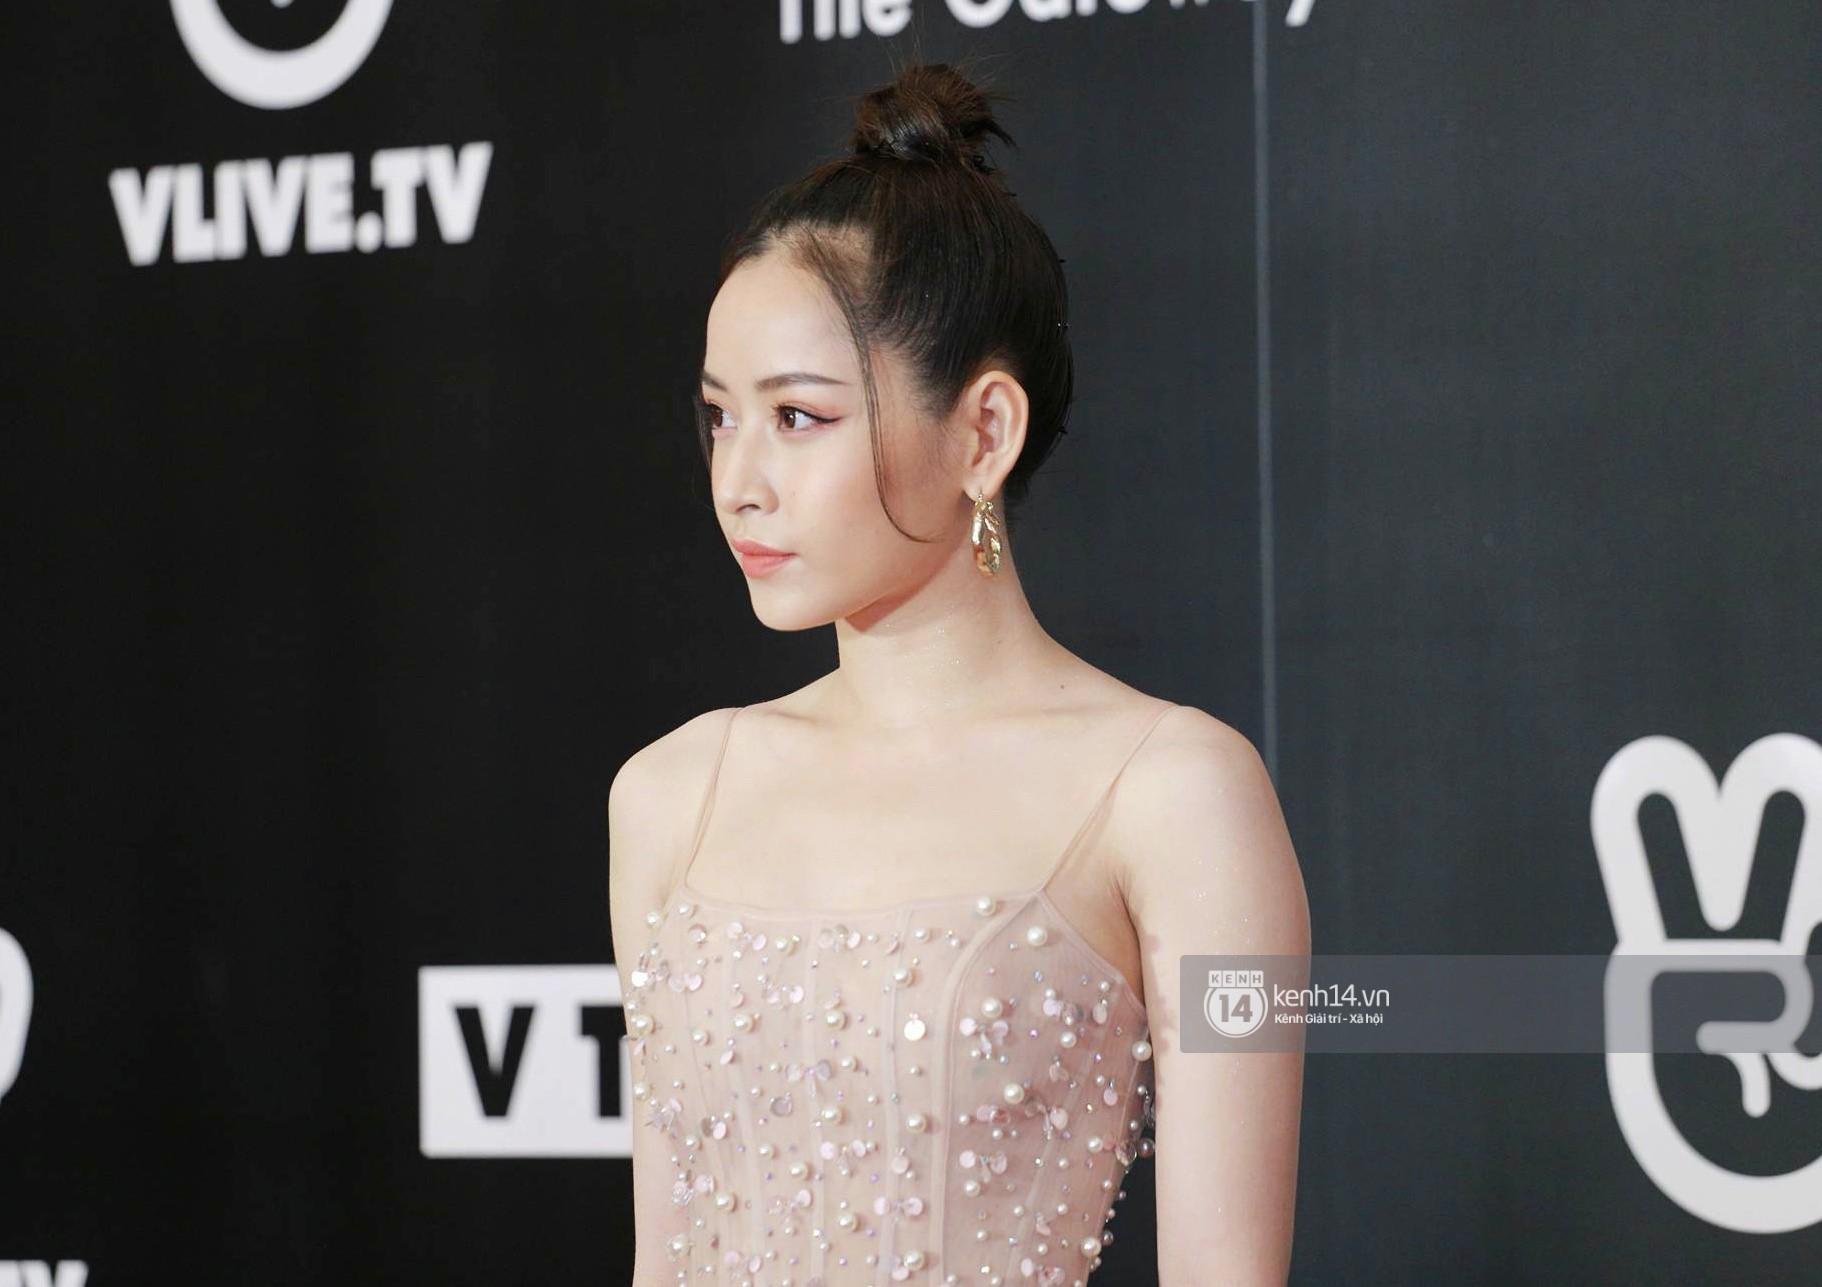 Thảm đỏ đêm nhạc Hàn-Việt: Jung Hae In, WINNER đẹp trai cực phẩm, Chi Pu và Hòa Minzy đọ sắc cùng loạt sao Việt - Ảnh 14.